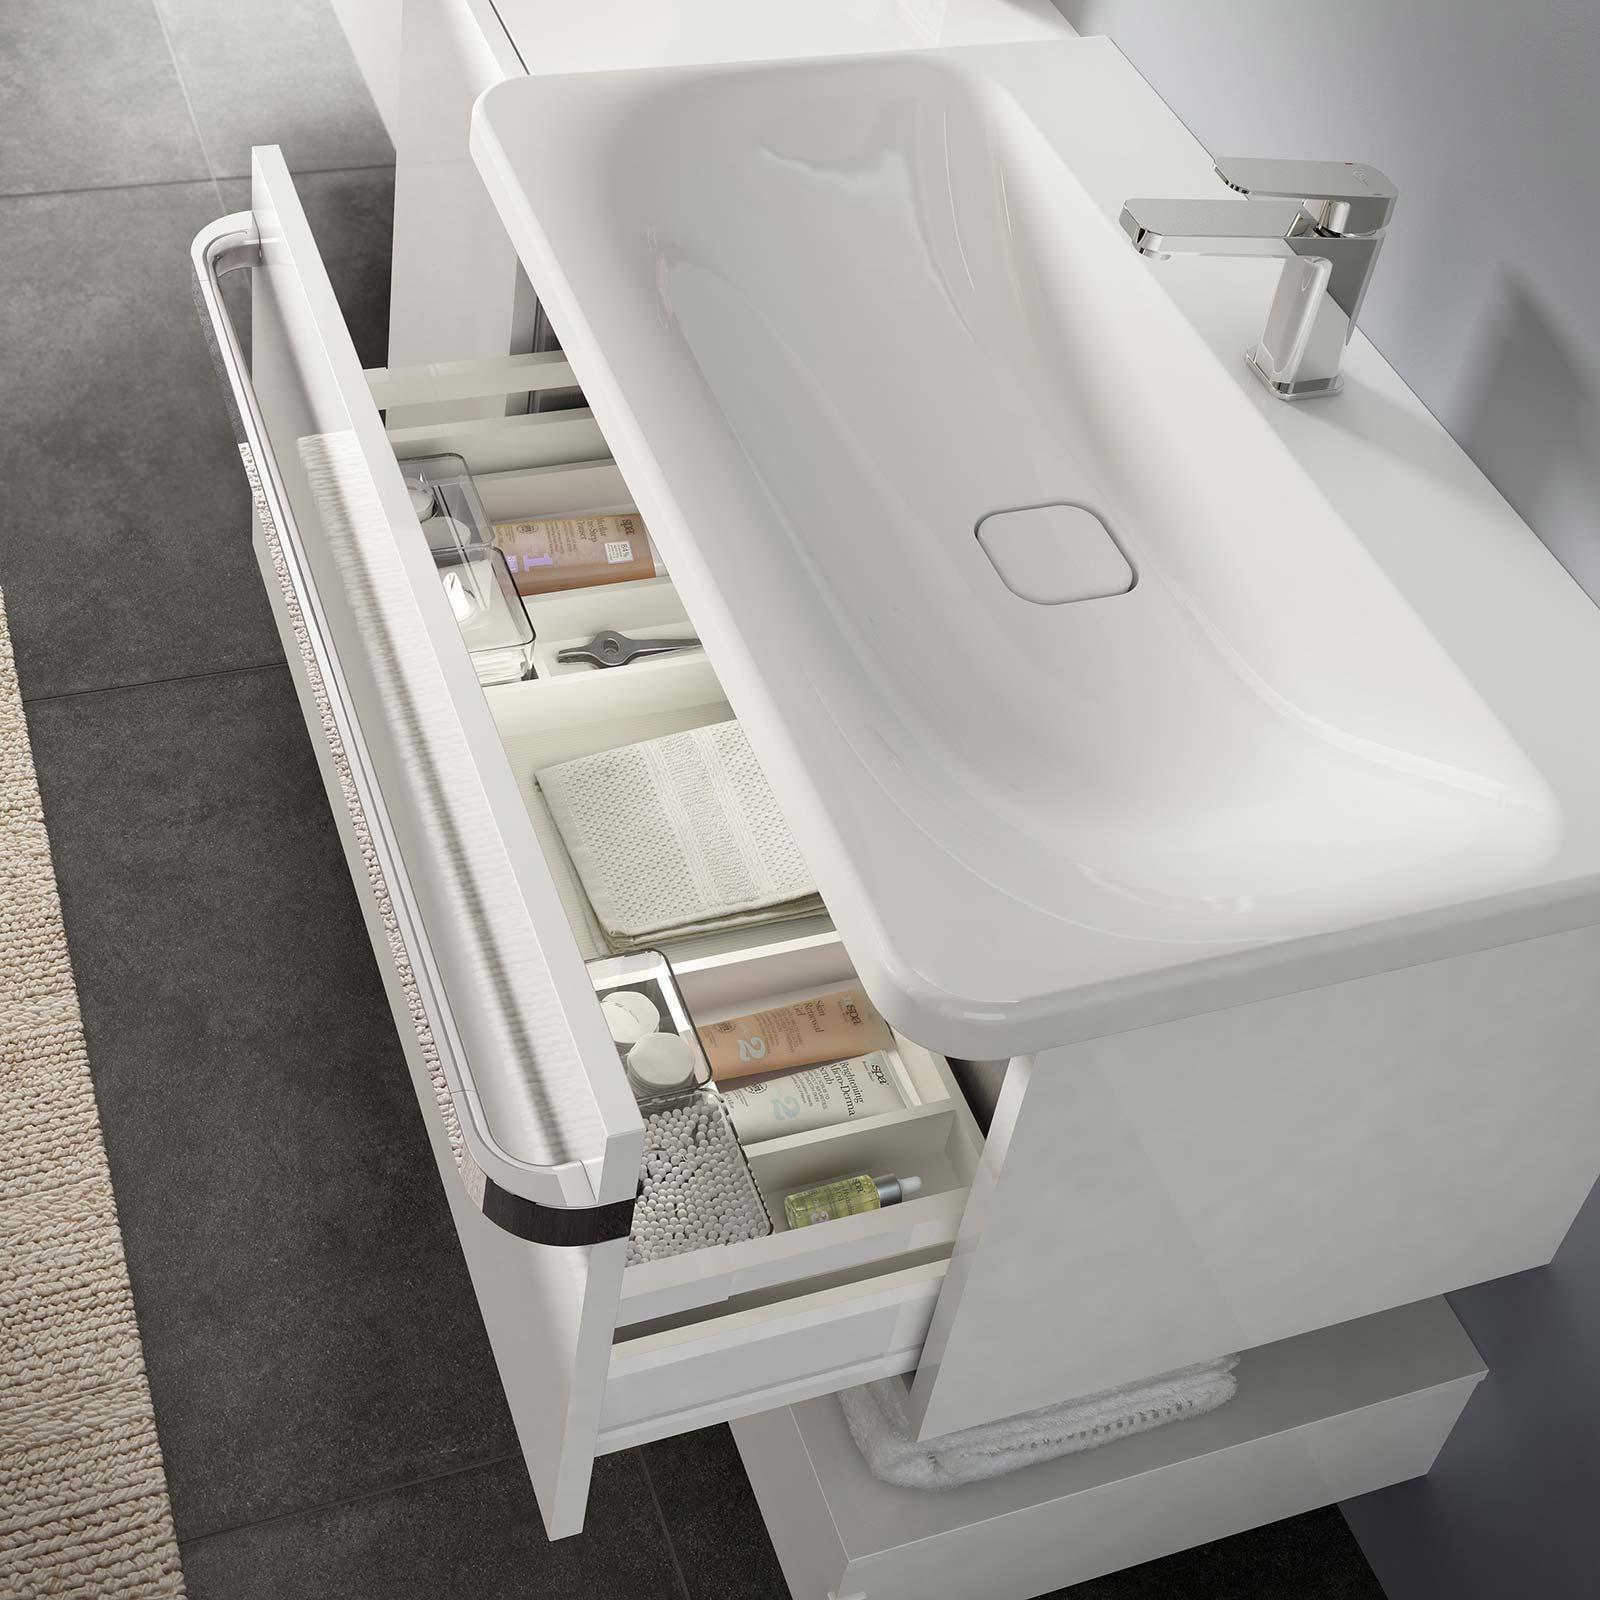 Meubles salle de bain Tonic II Ideal Standard  Schmitt-Ney